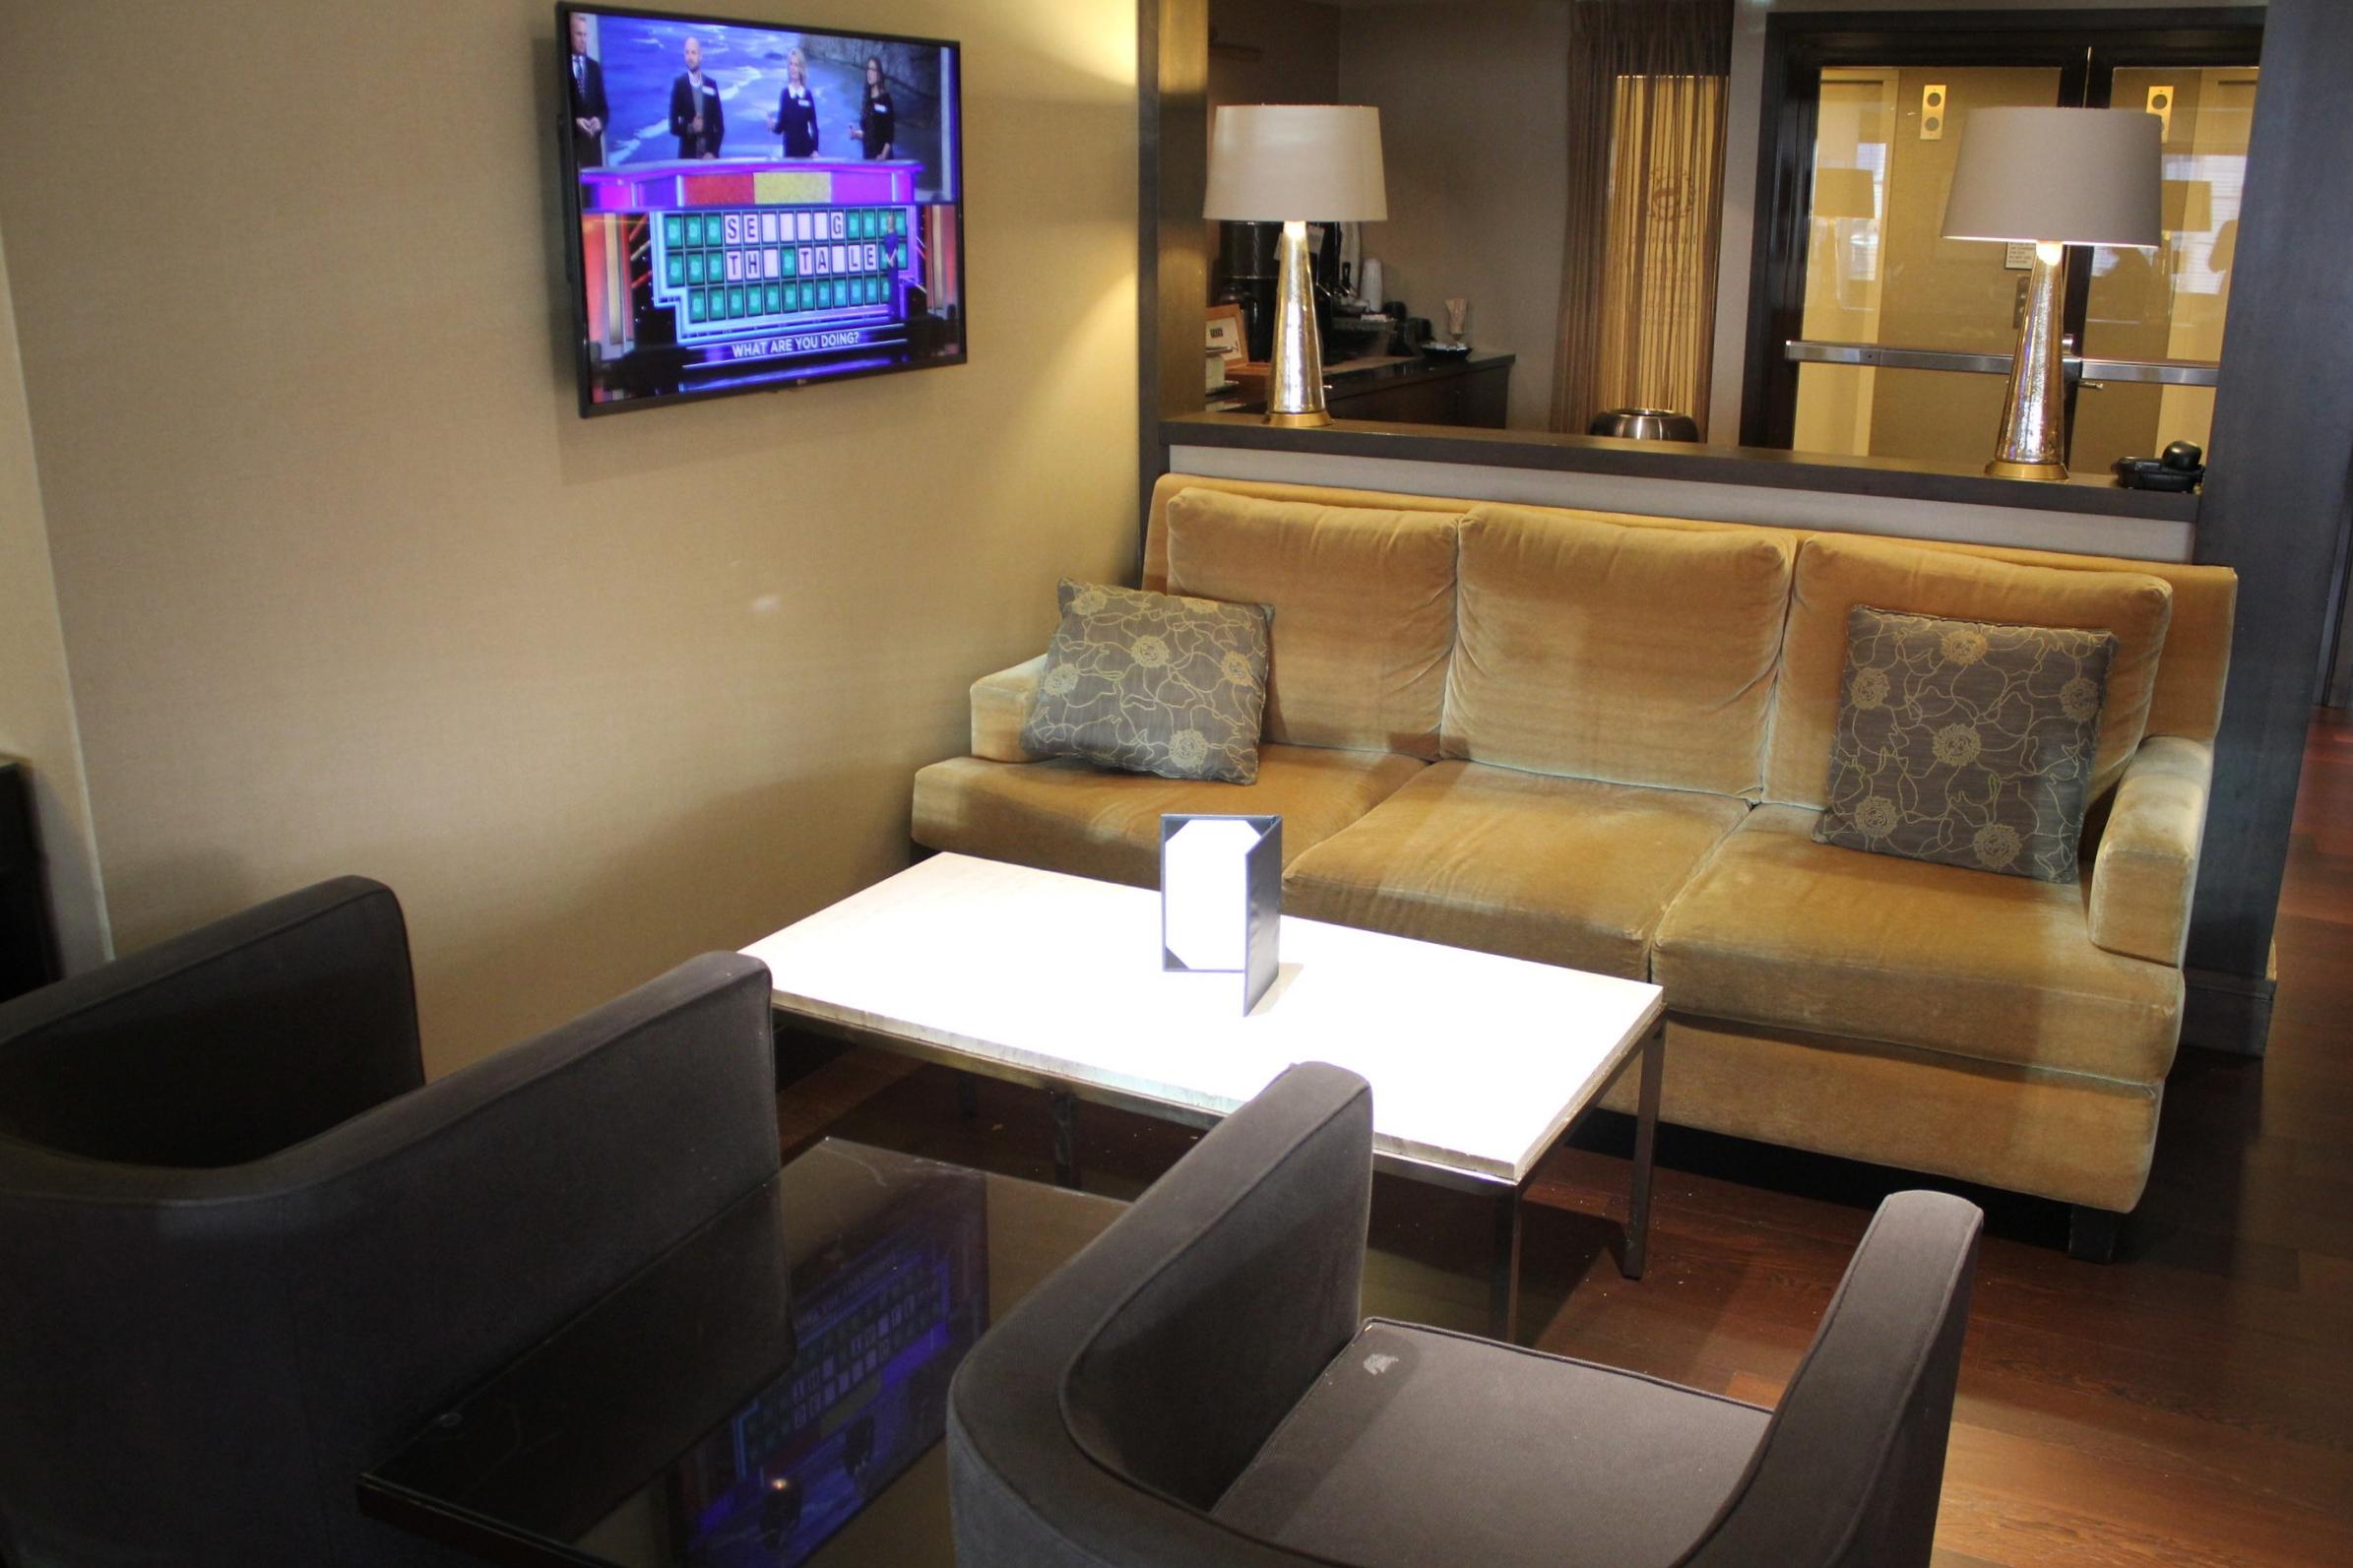 Sheraton Seattle – Sheraton Club Lounge seating area